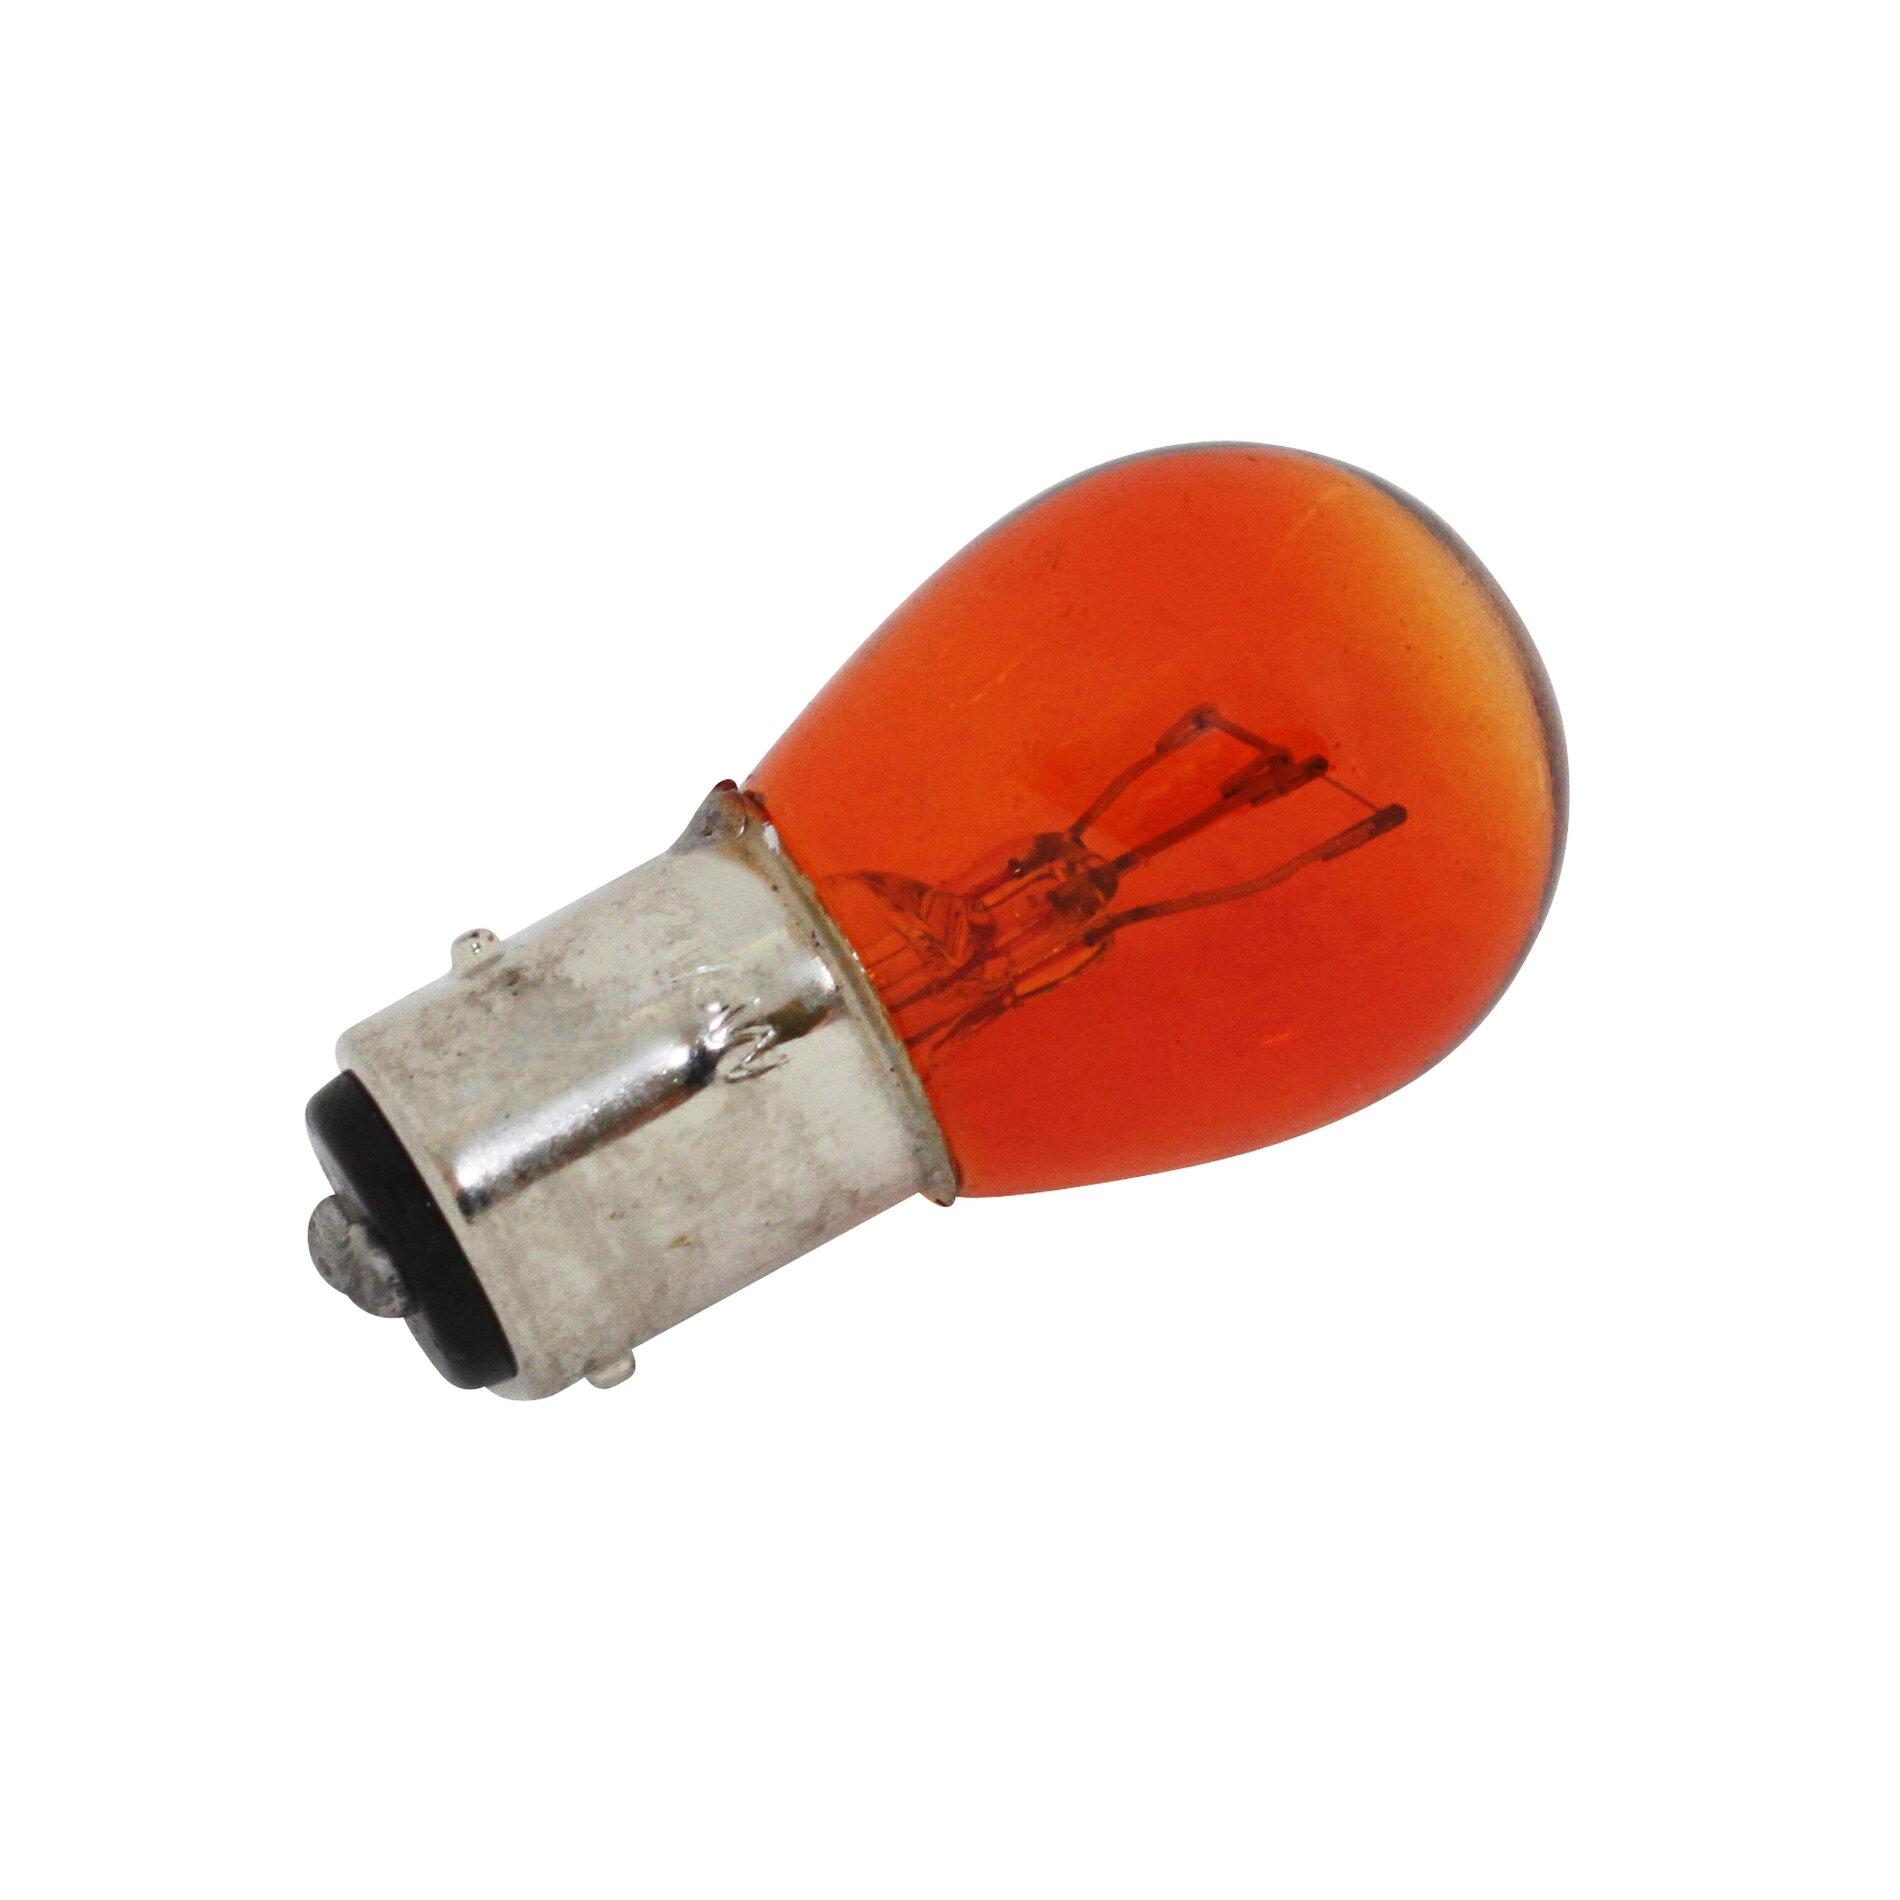 Ampoule BAY15D S25 stop/feu 12V 21/5W Orange